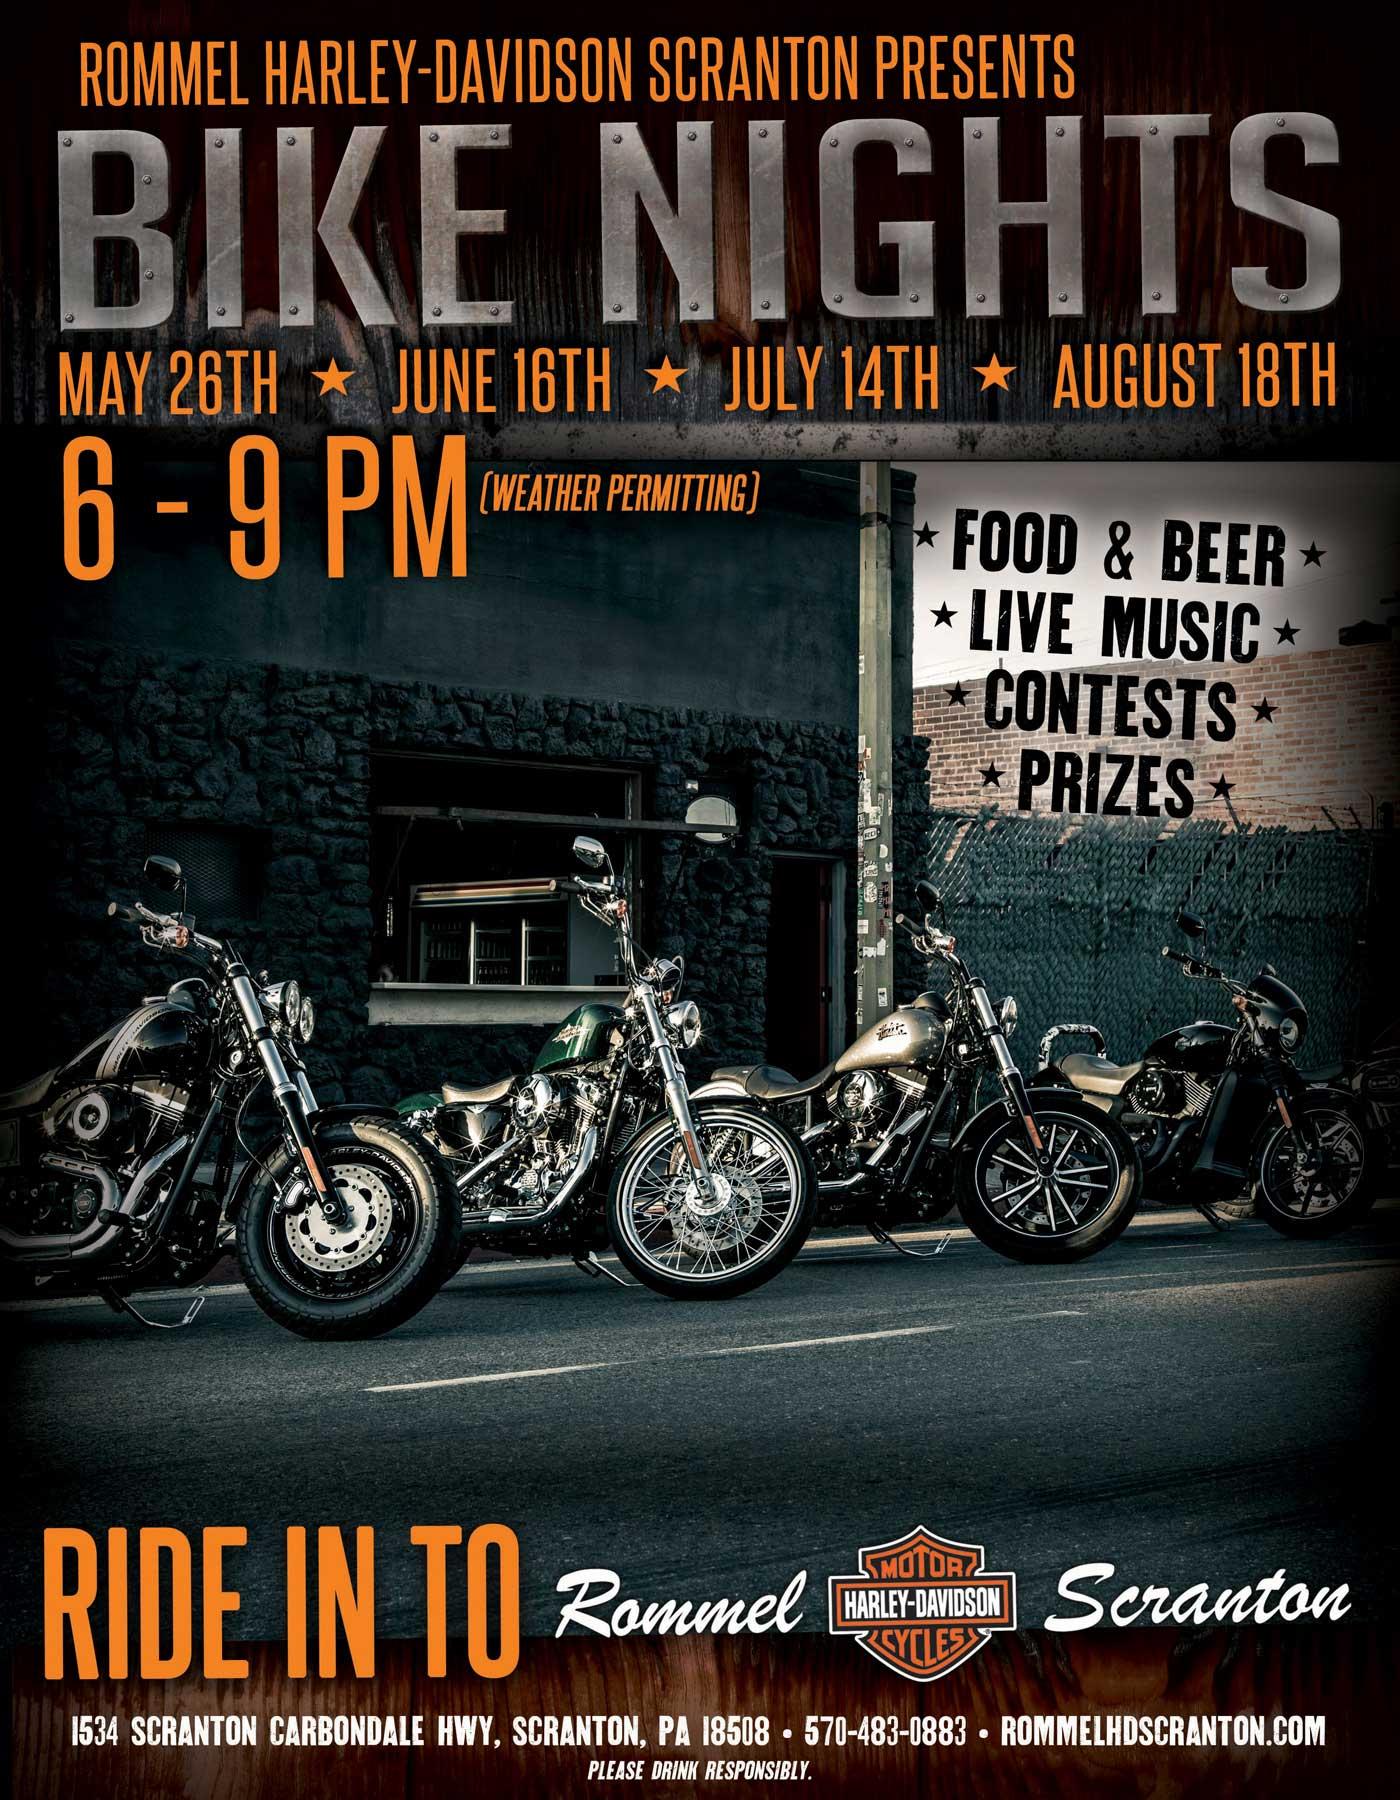 Friday Night Bike Night @ Scranton